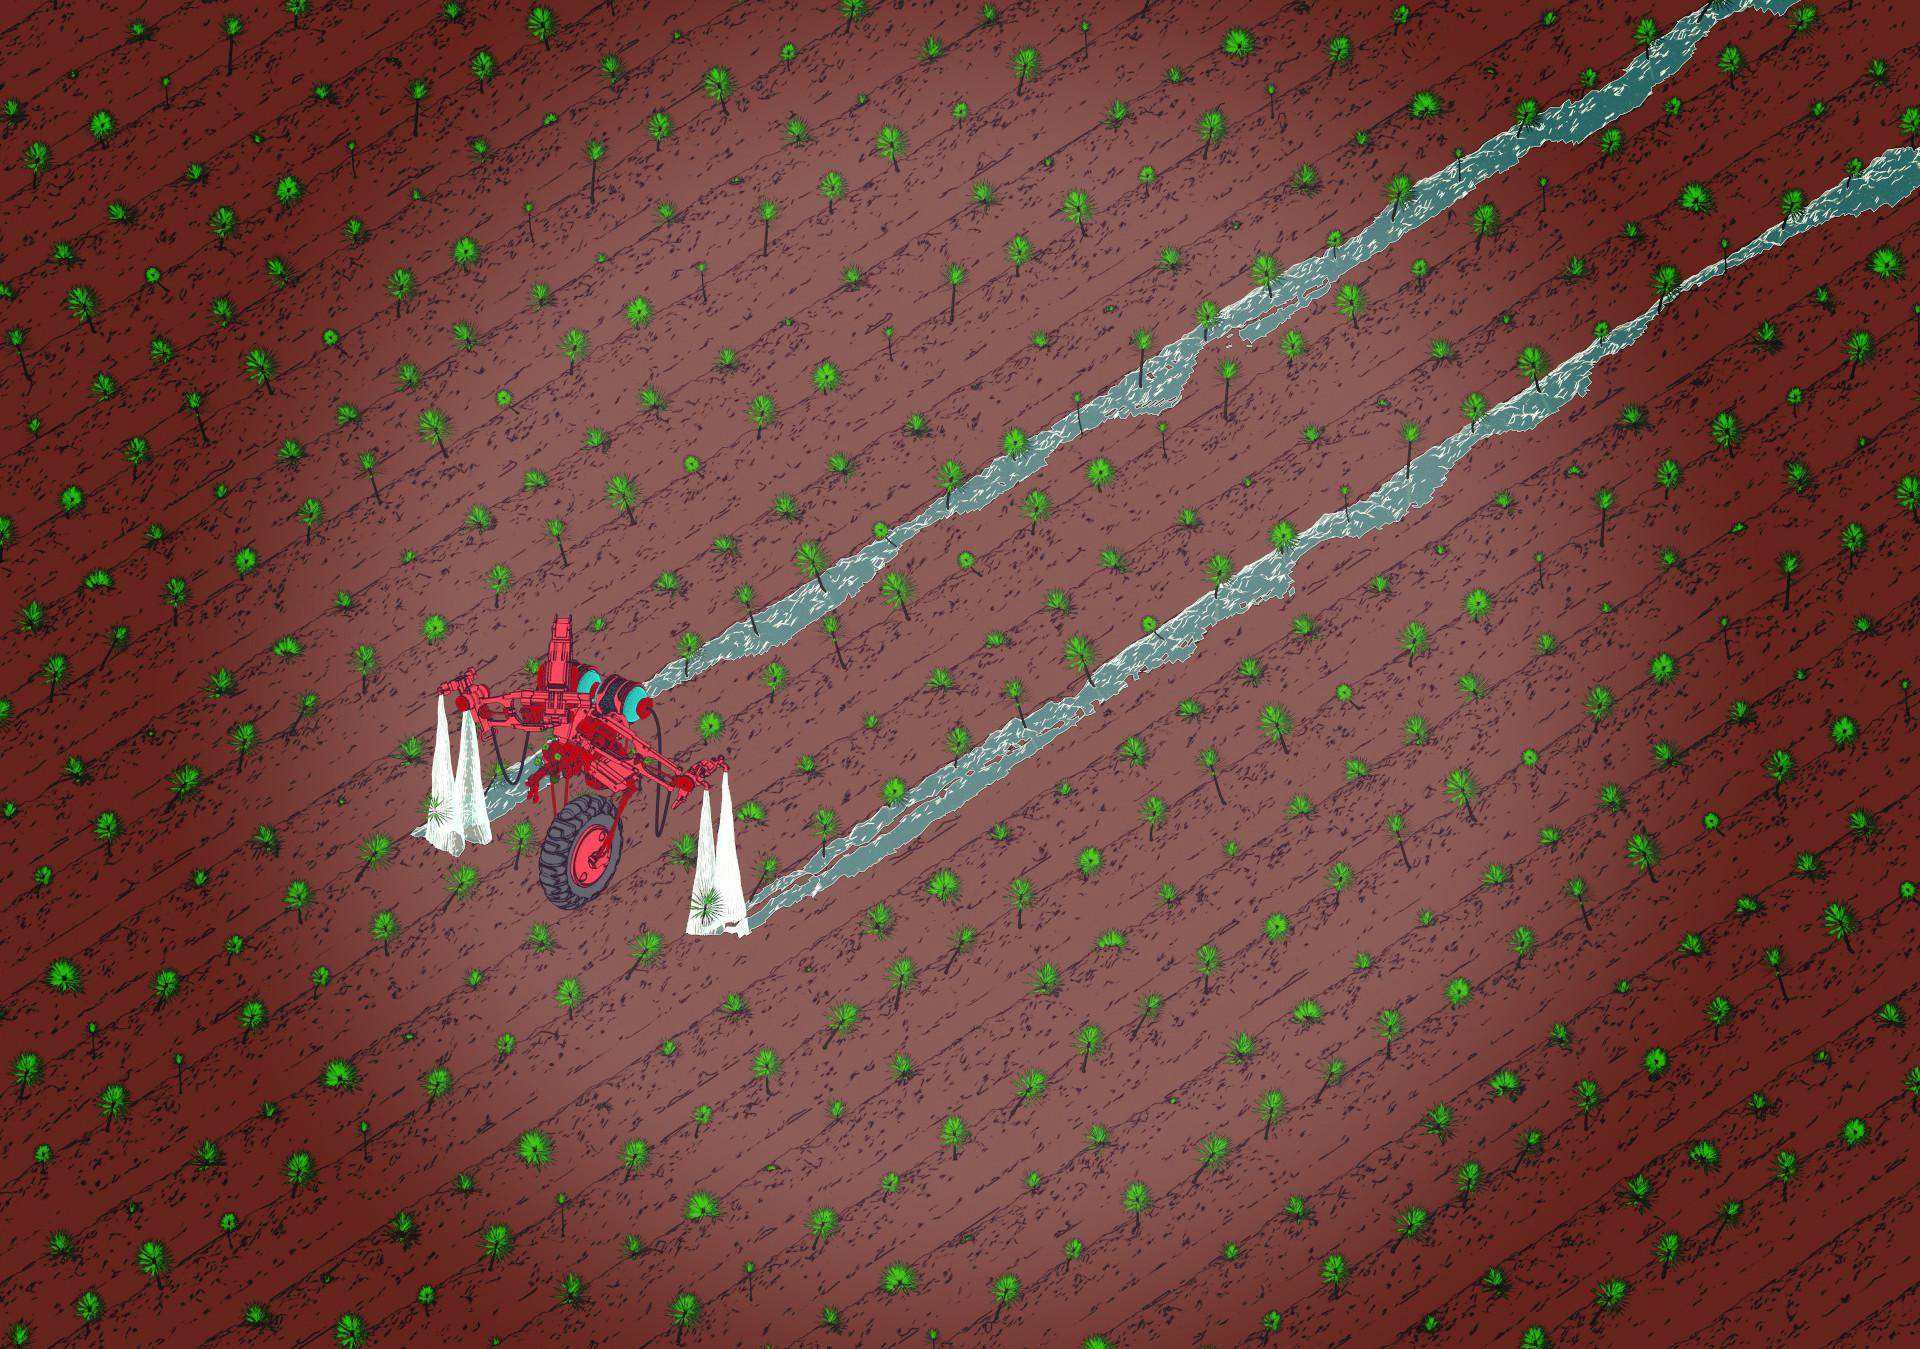 Ben nicholas farmerbot 02